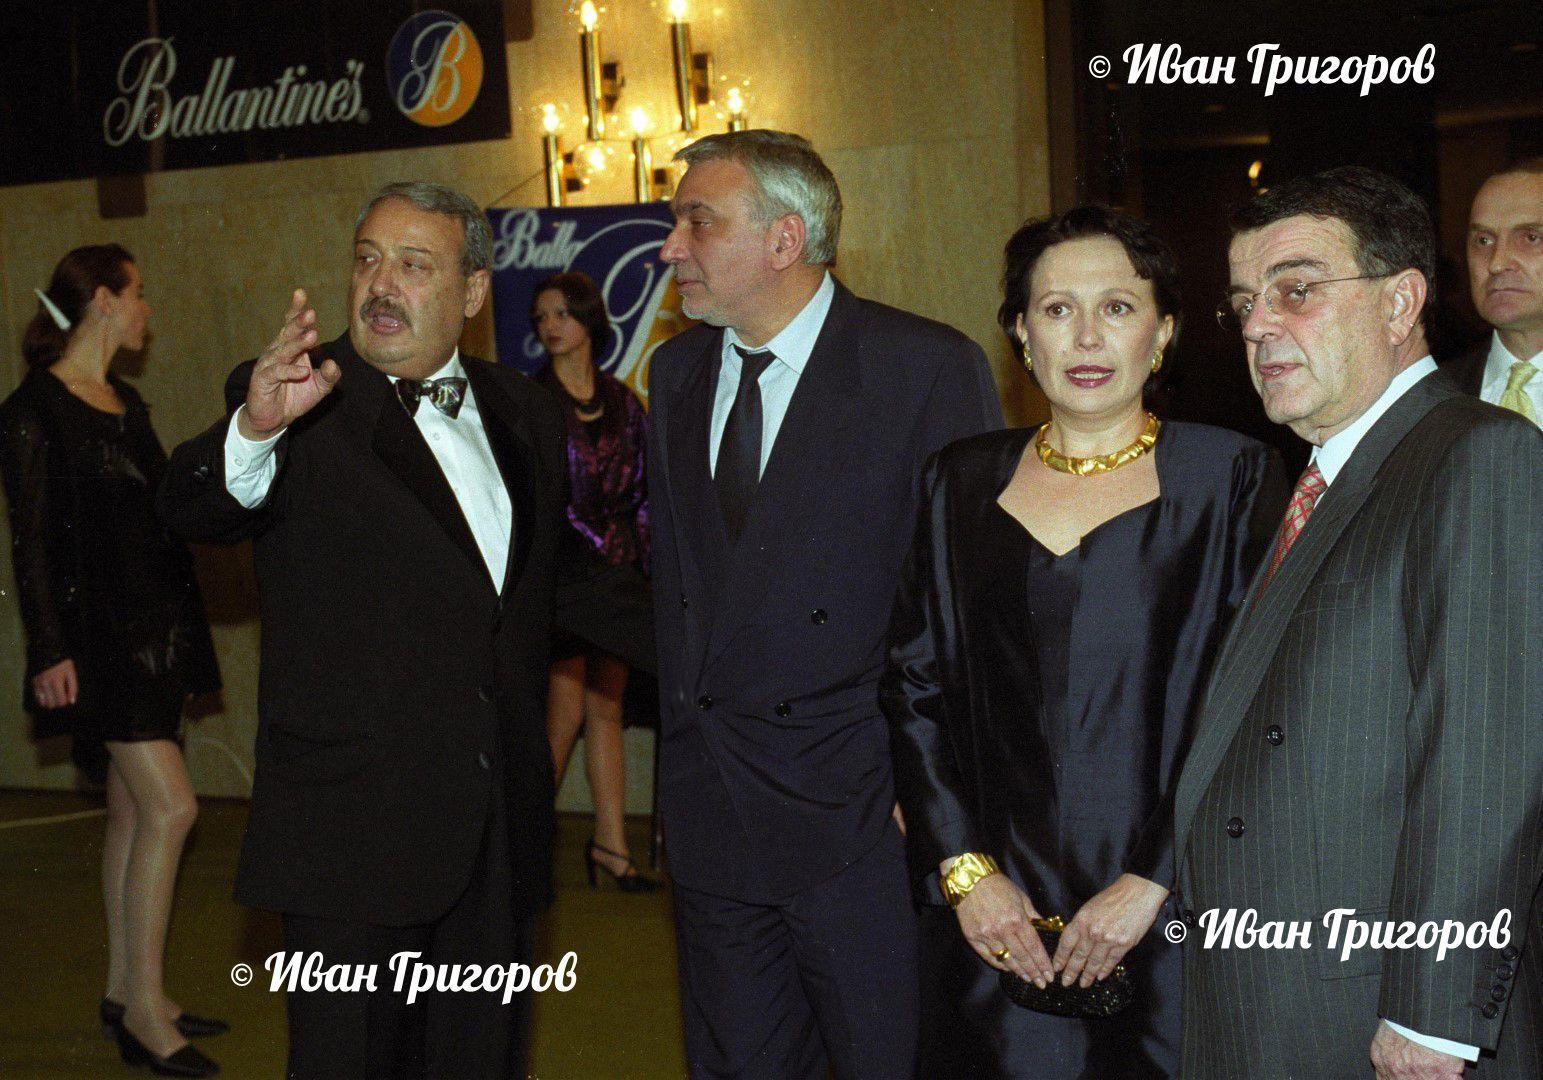 20 декември 2000 г. - Силва Зурлева с журналиста Иван Гарелов, композитора Стефан Димитров и собственика на Нова телевизия до 2008 г. Минос Кириаку (вдясно)